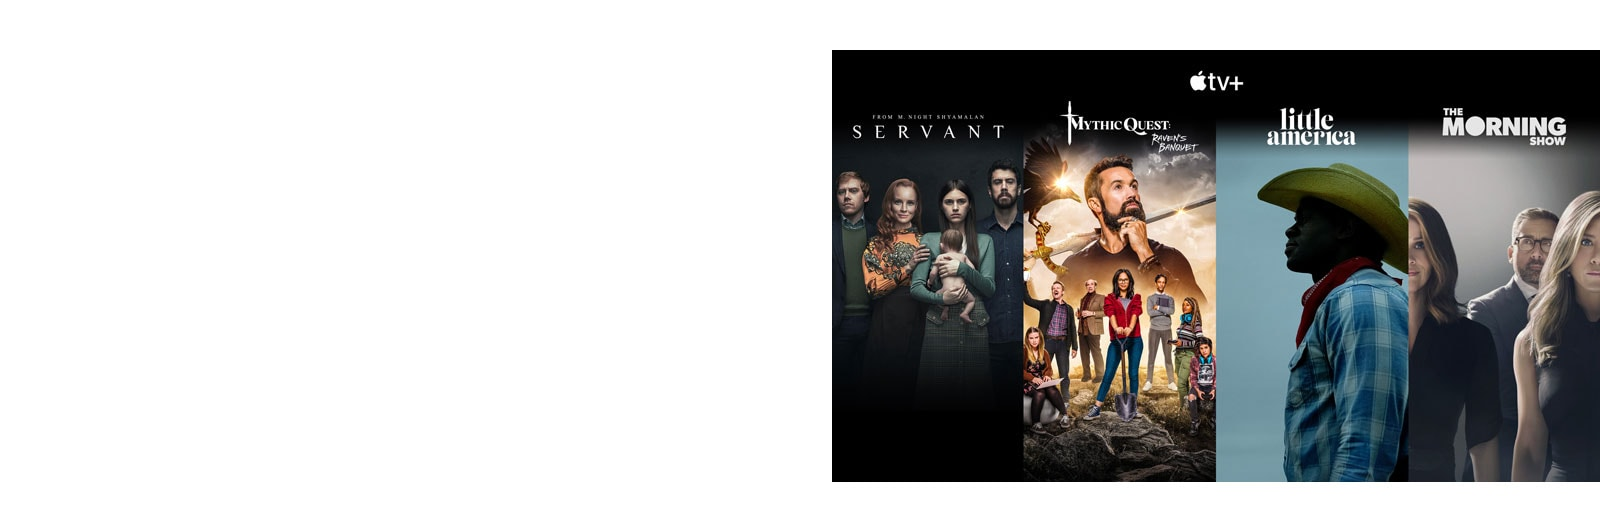 Miniaturas de los 4 principales títulos de Apple TV+